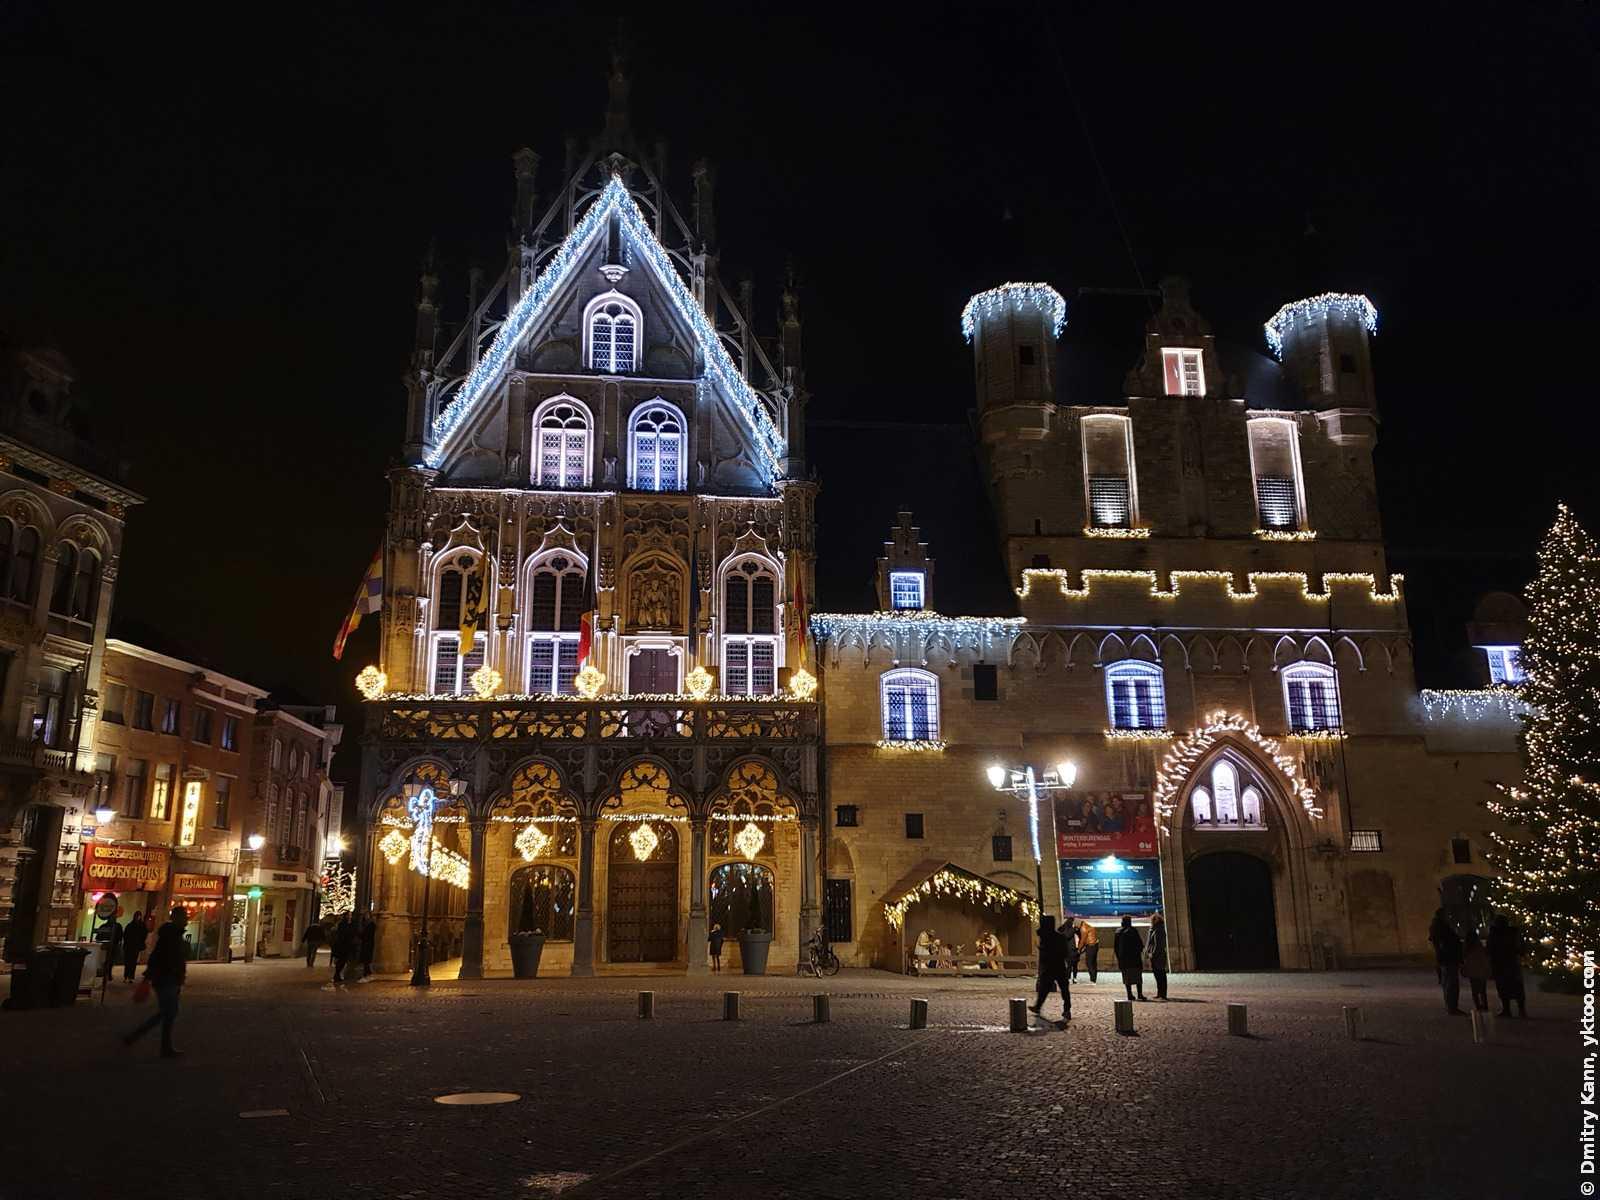 Мехелен, Бельгия.